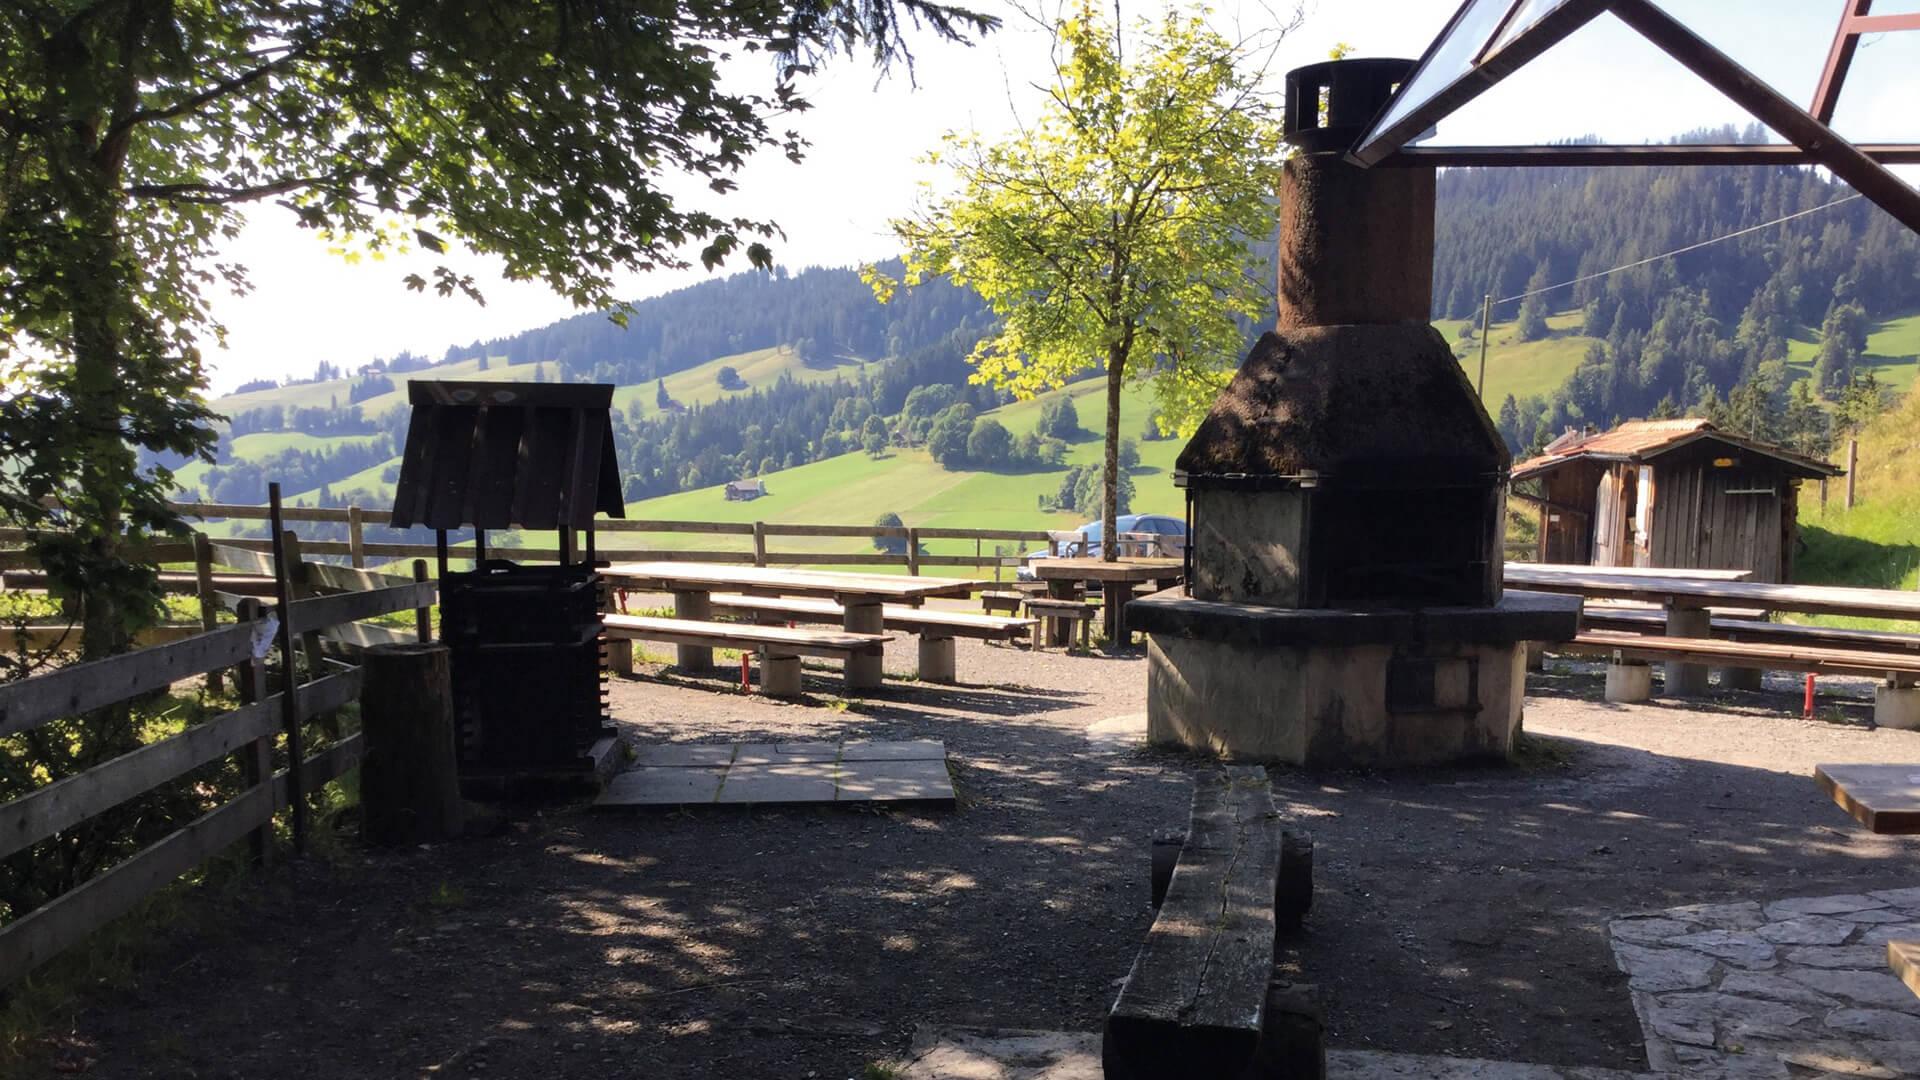 schwanden-grillplatz-stampf-sommer-ansicht